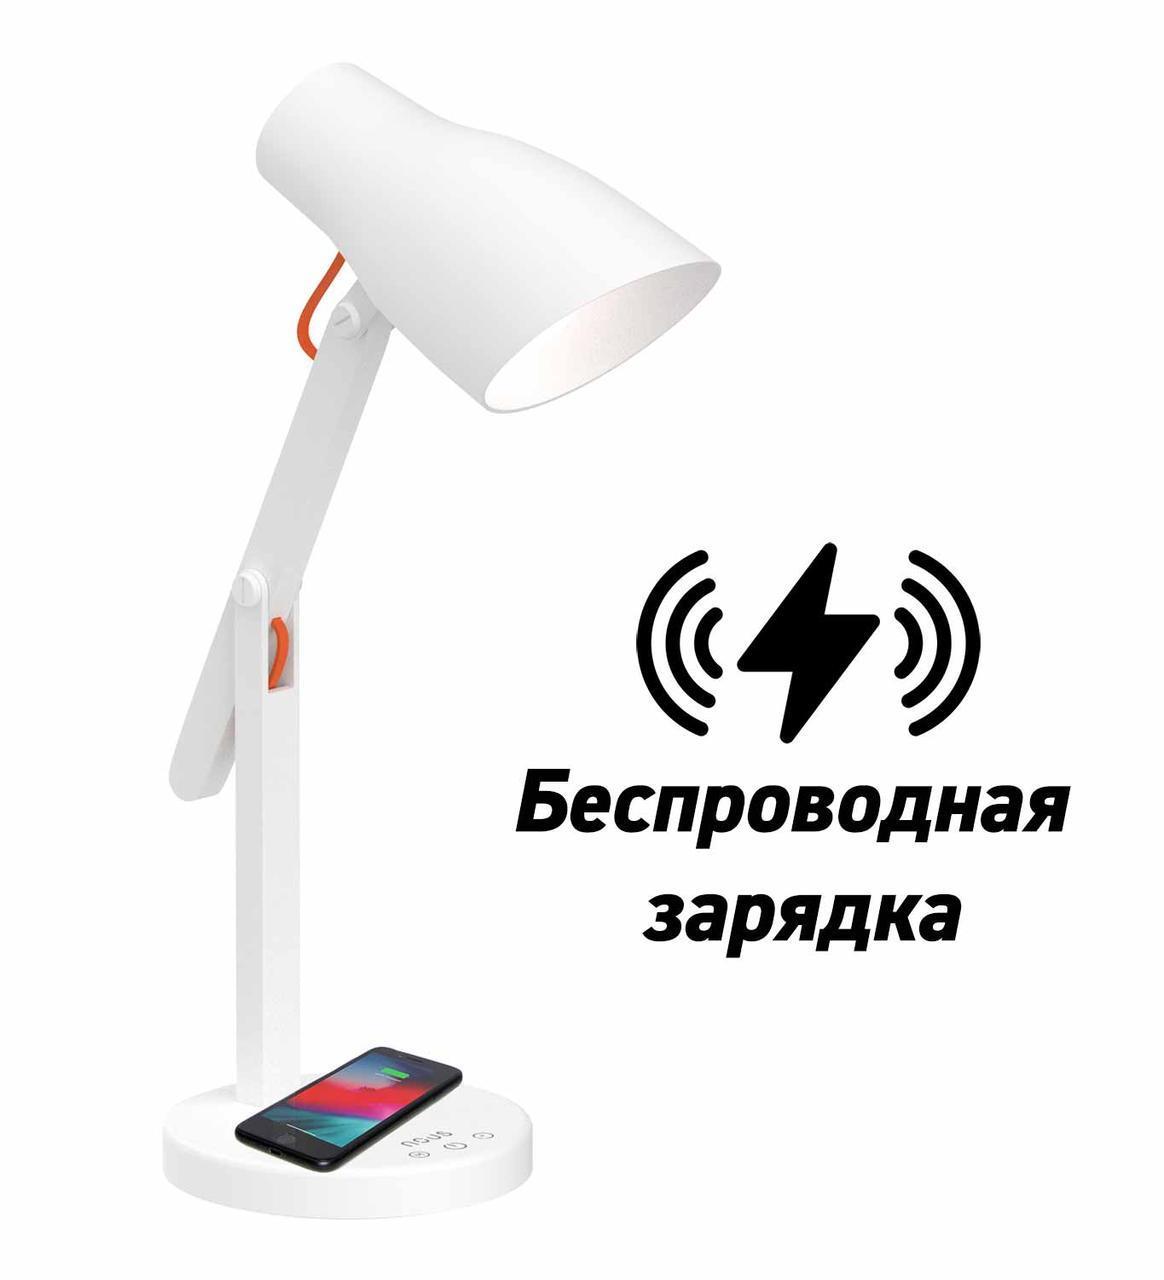 Настольная LED лампа NOUS S5 9W 2700-6500K с беспроводной зарядкой + таймер выключения